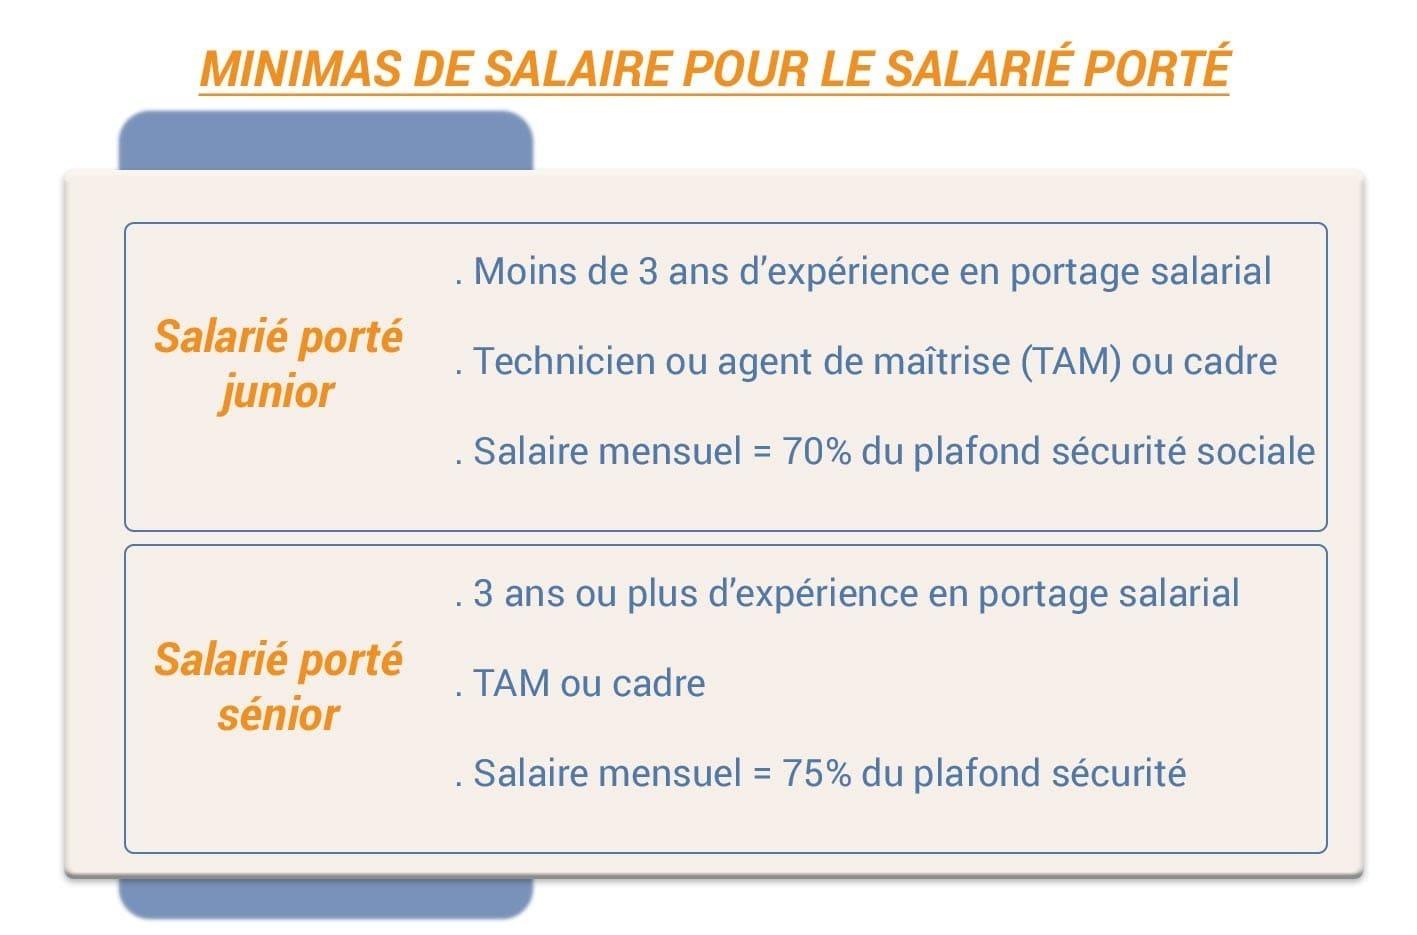 salaire-minimum-portage-salarial